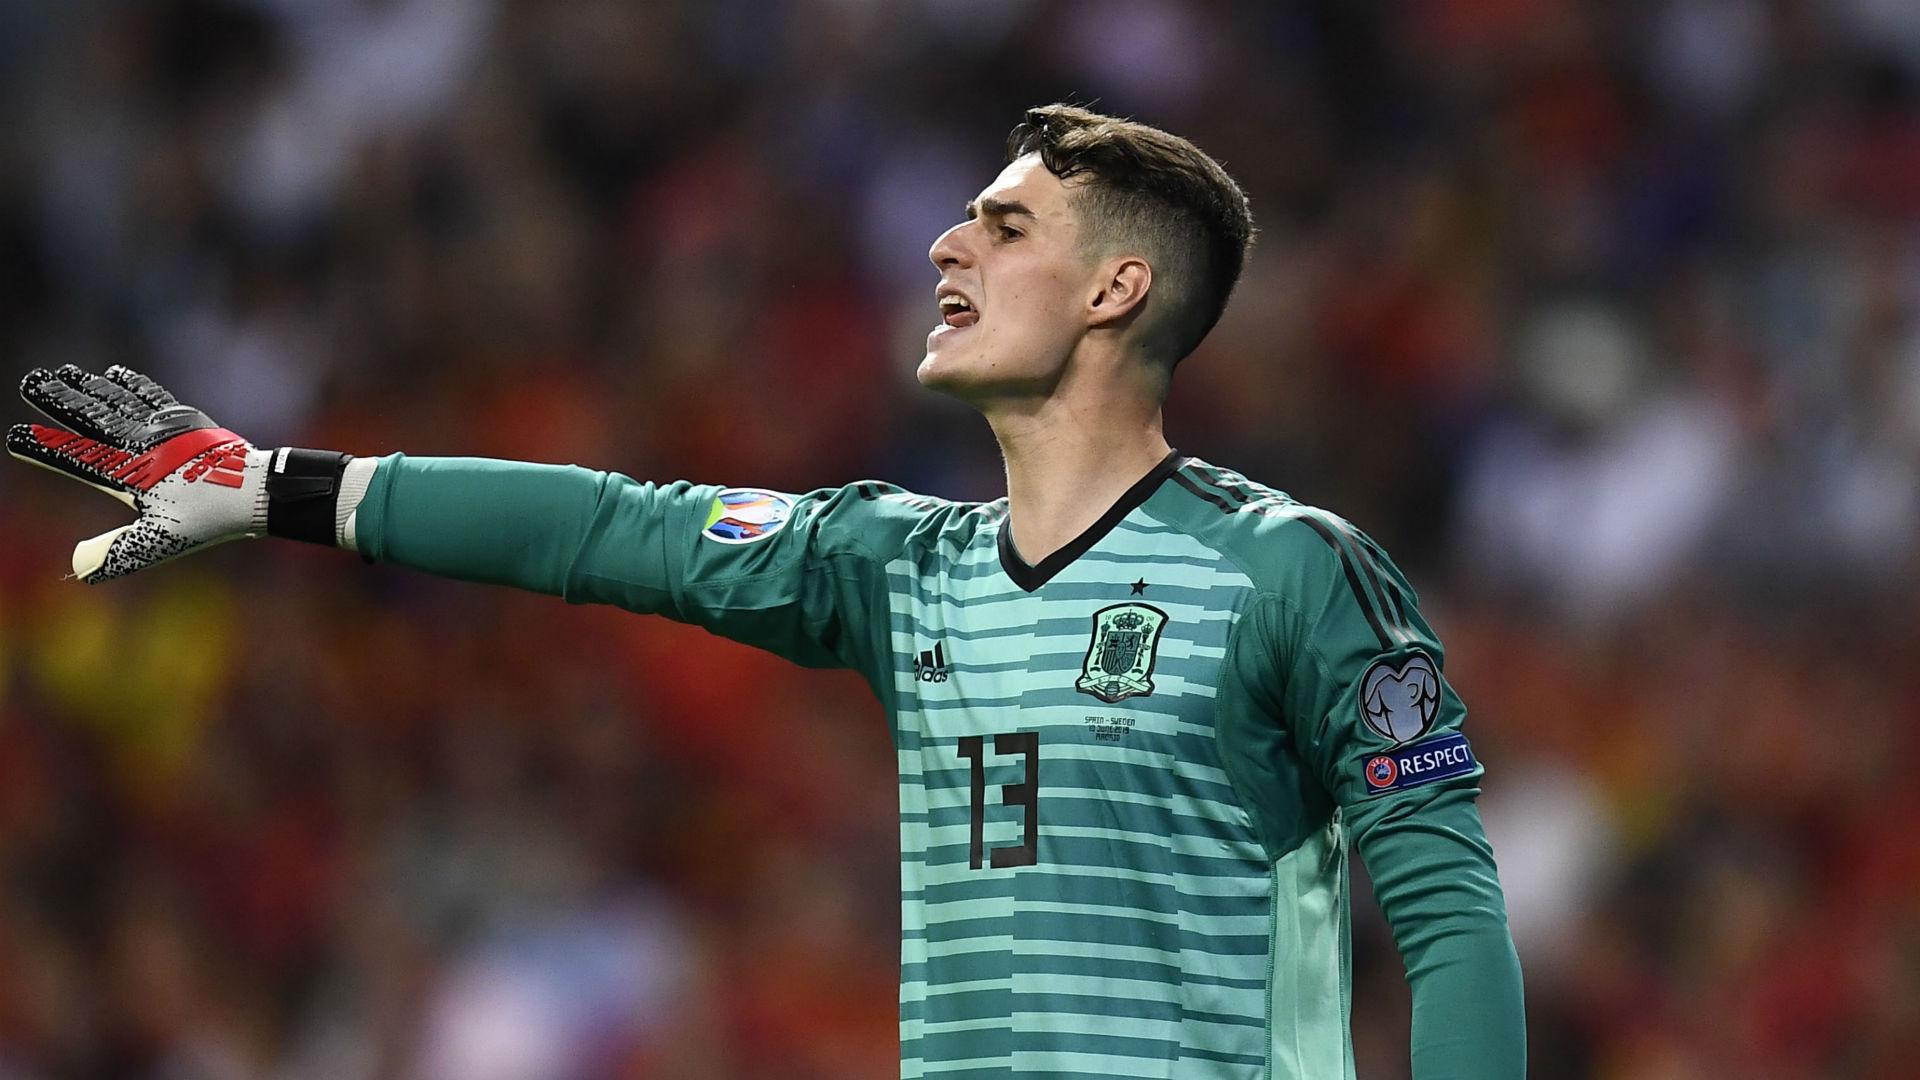 Romania vs Spain: TV channel, live stream, team news